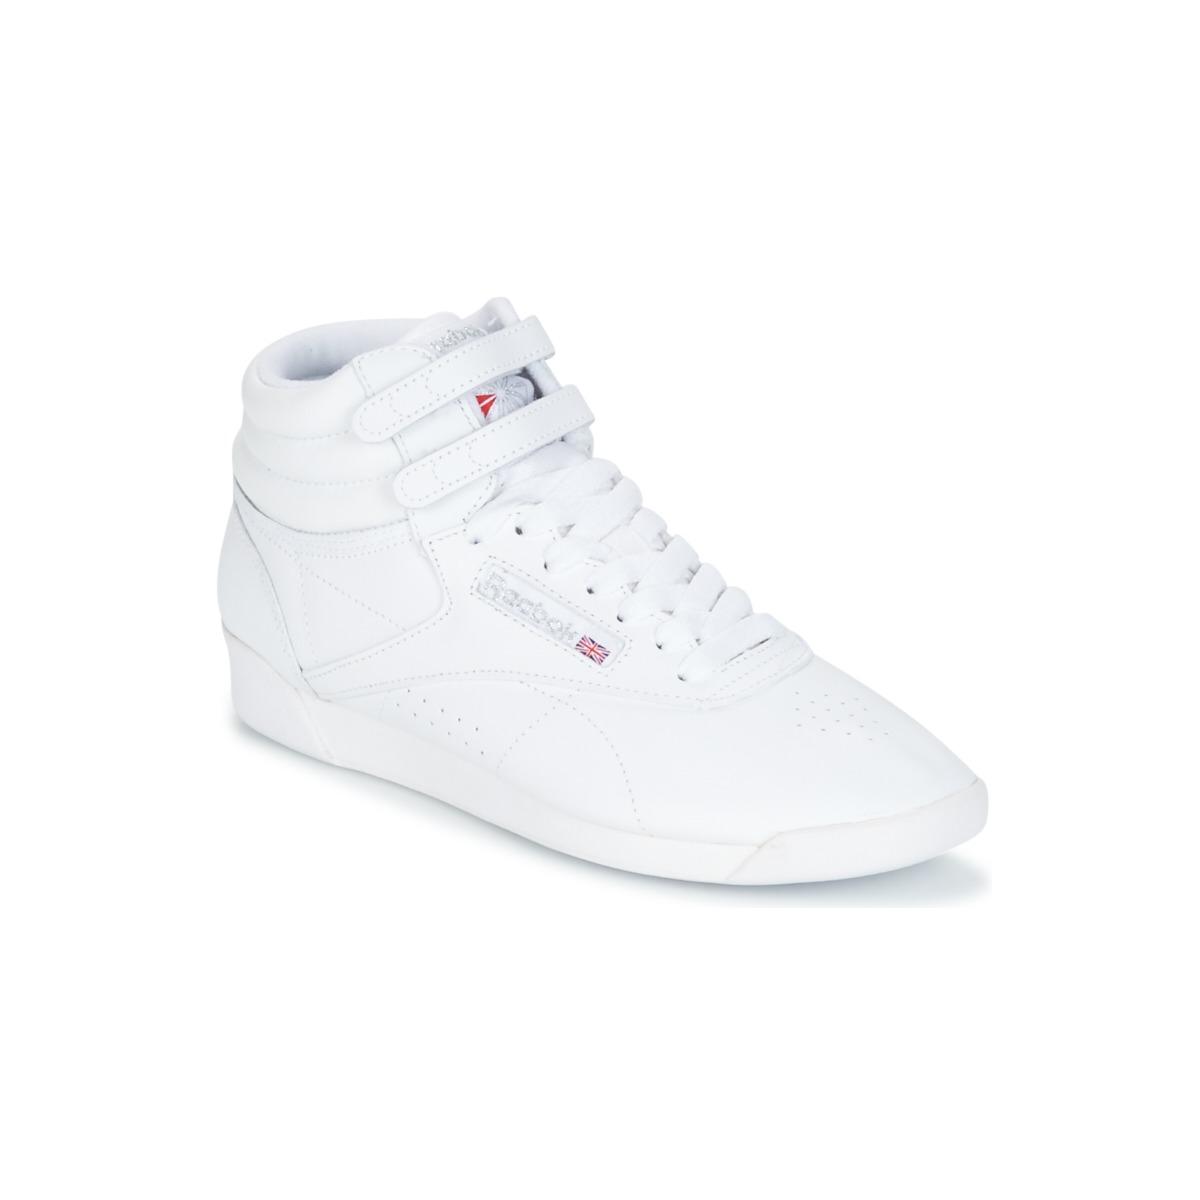 Reebok Classic F/S HI Weiss / Silbern - Kostenloser Versand bei Spartoode ! - Schuhe Sneaker High Damen 71,96 €